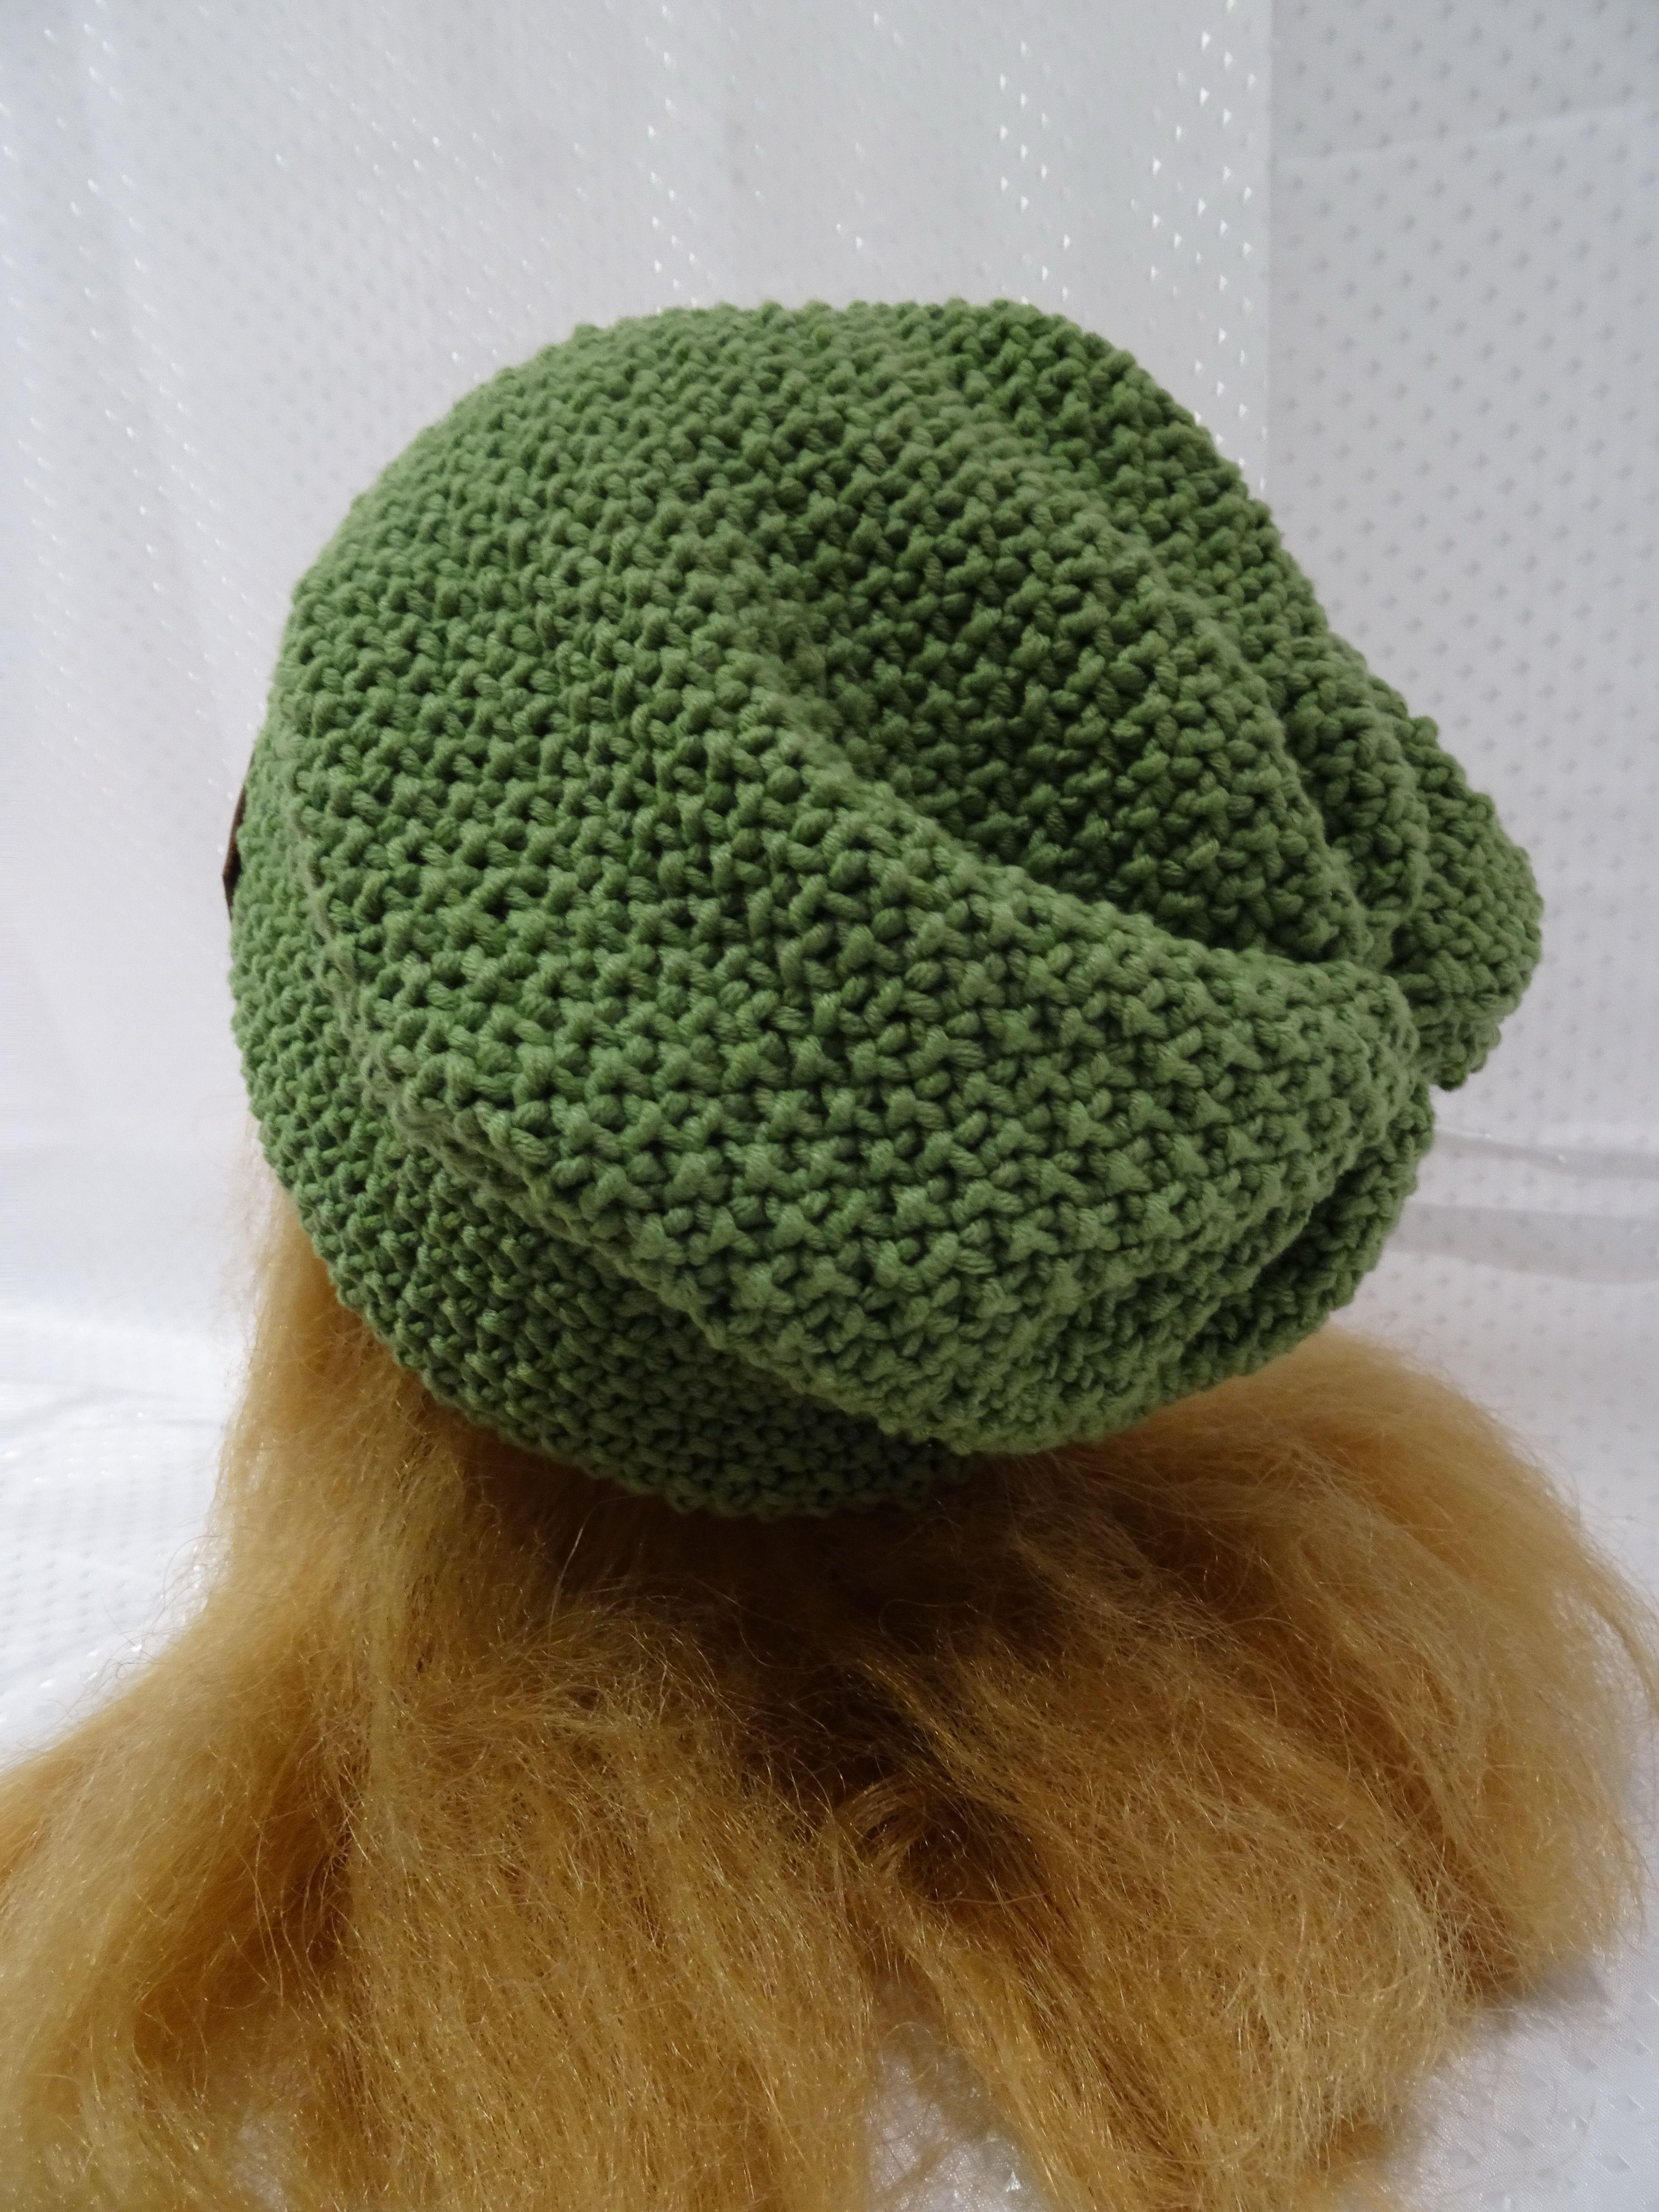 аксессуар женскаяшапка весенняяшапка шапкаизхлопка шапканавесну прикольнаяшапка шапка шапкабини бини вязанаяшапка